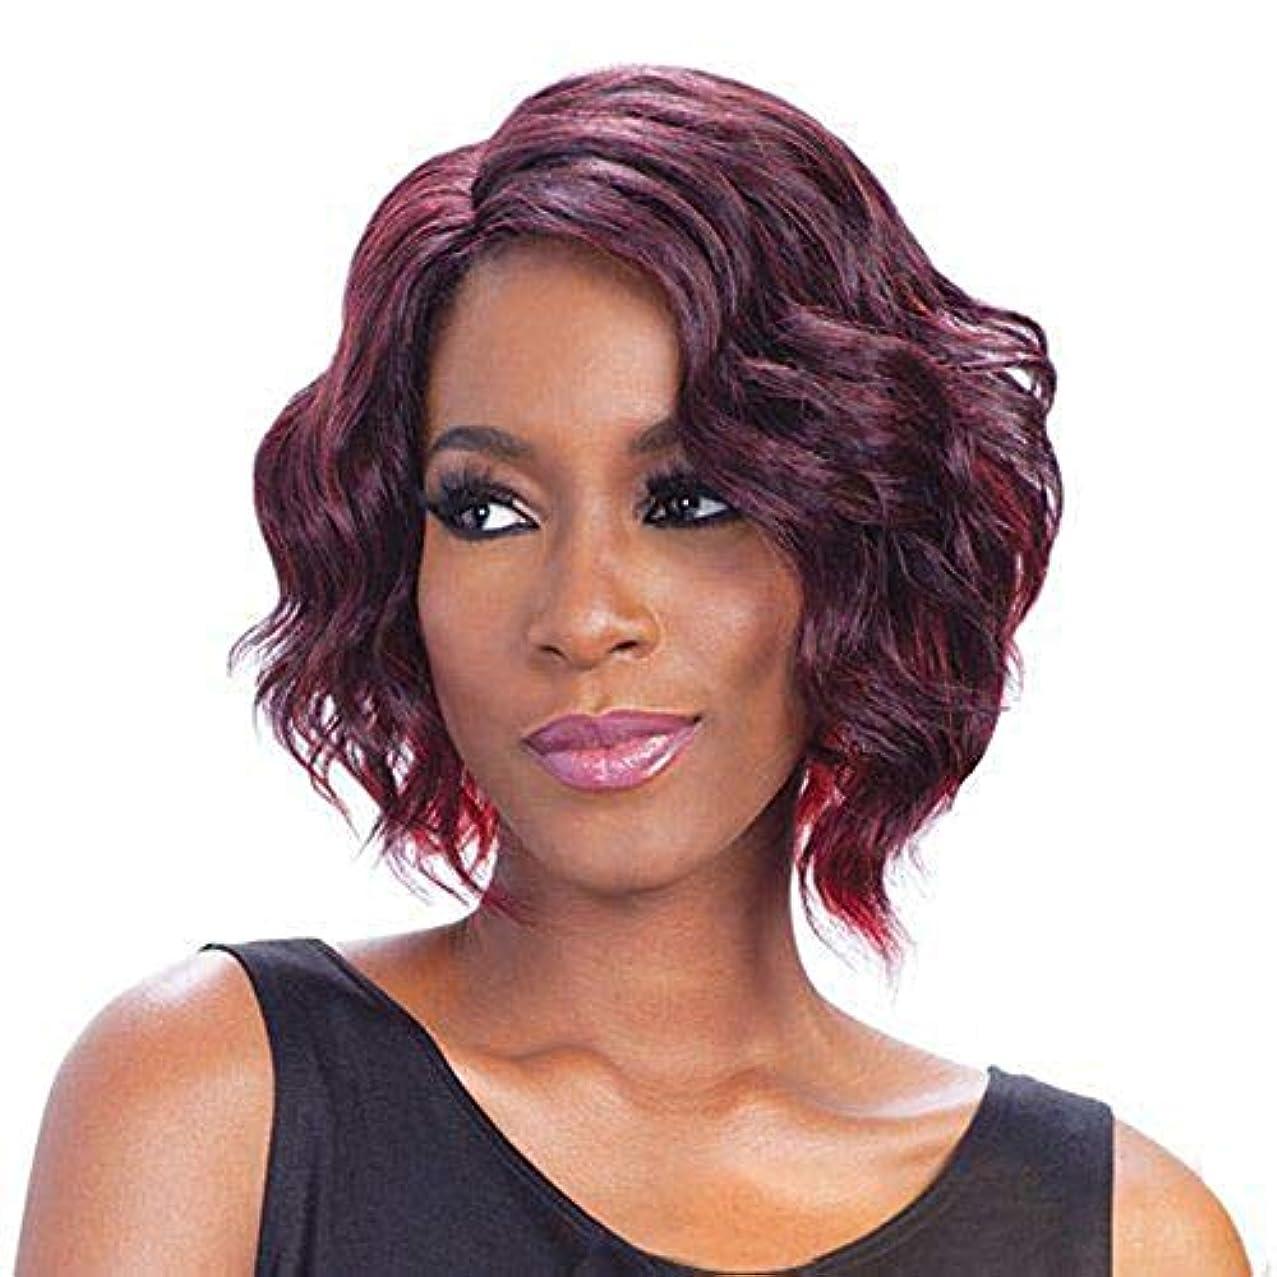 利得に向かって心からYOUQIU 無料キャップウィッグを持つ女性耐熱人工毛のための短いワインレッドカーリーボブウィッグ (色 : ワインレッド)